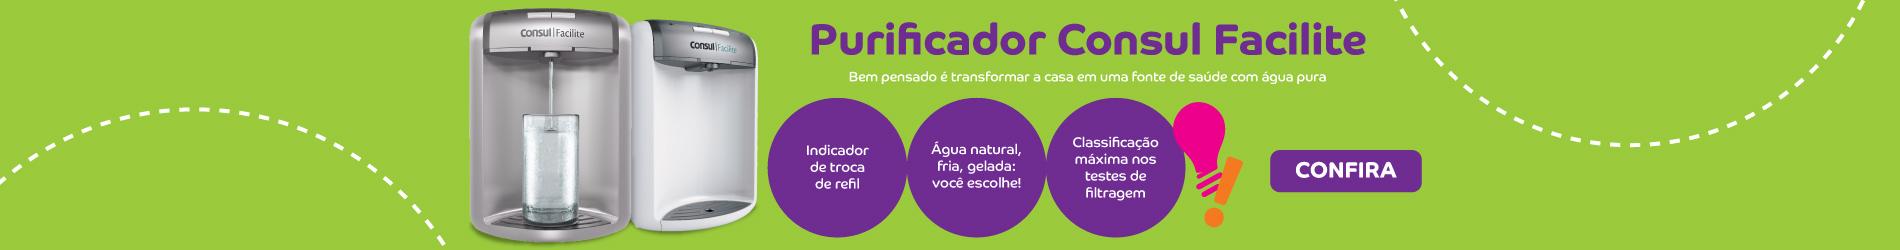 Promoção Interna - 1278 - purificador_facilite_18012017_home5 - facilite - 5